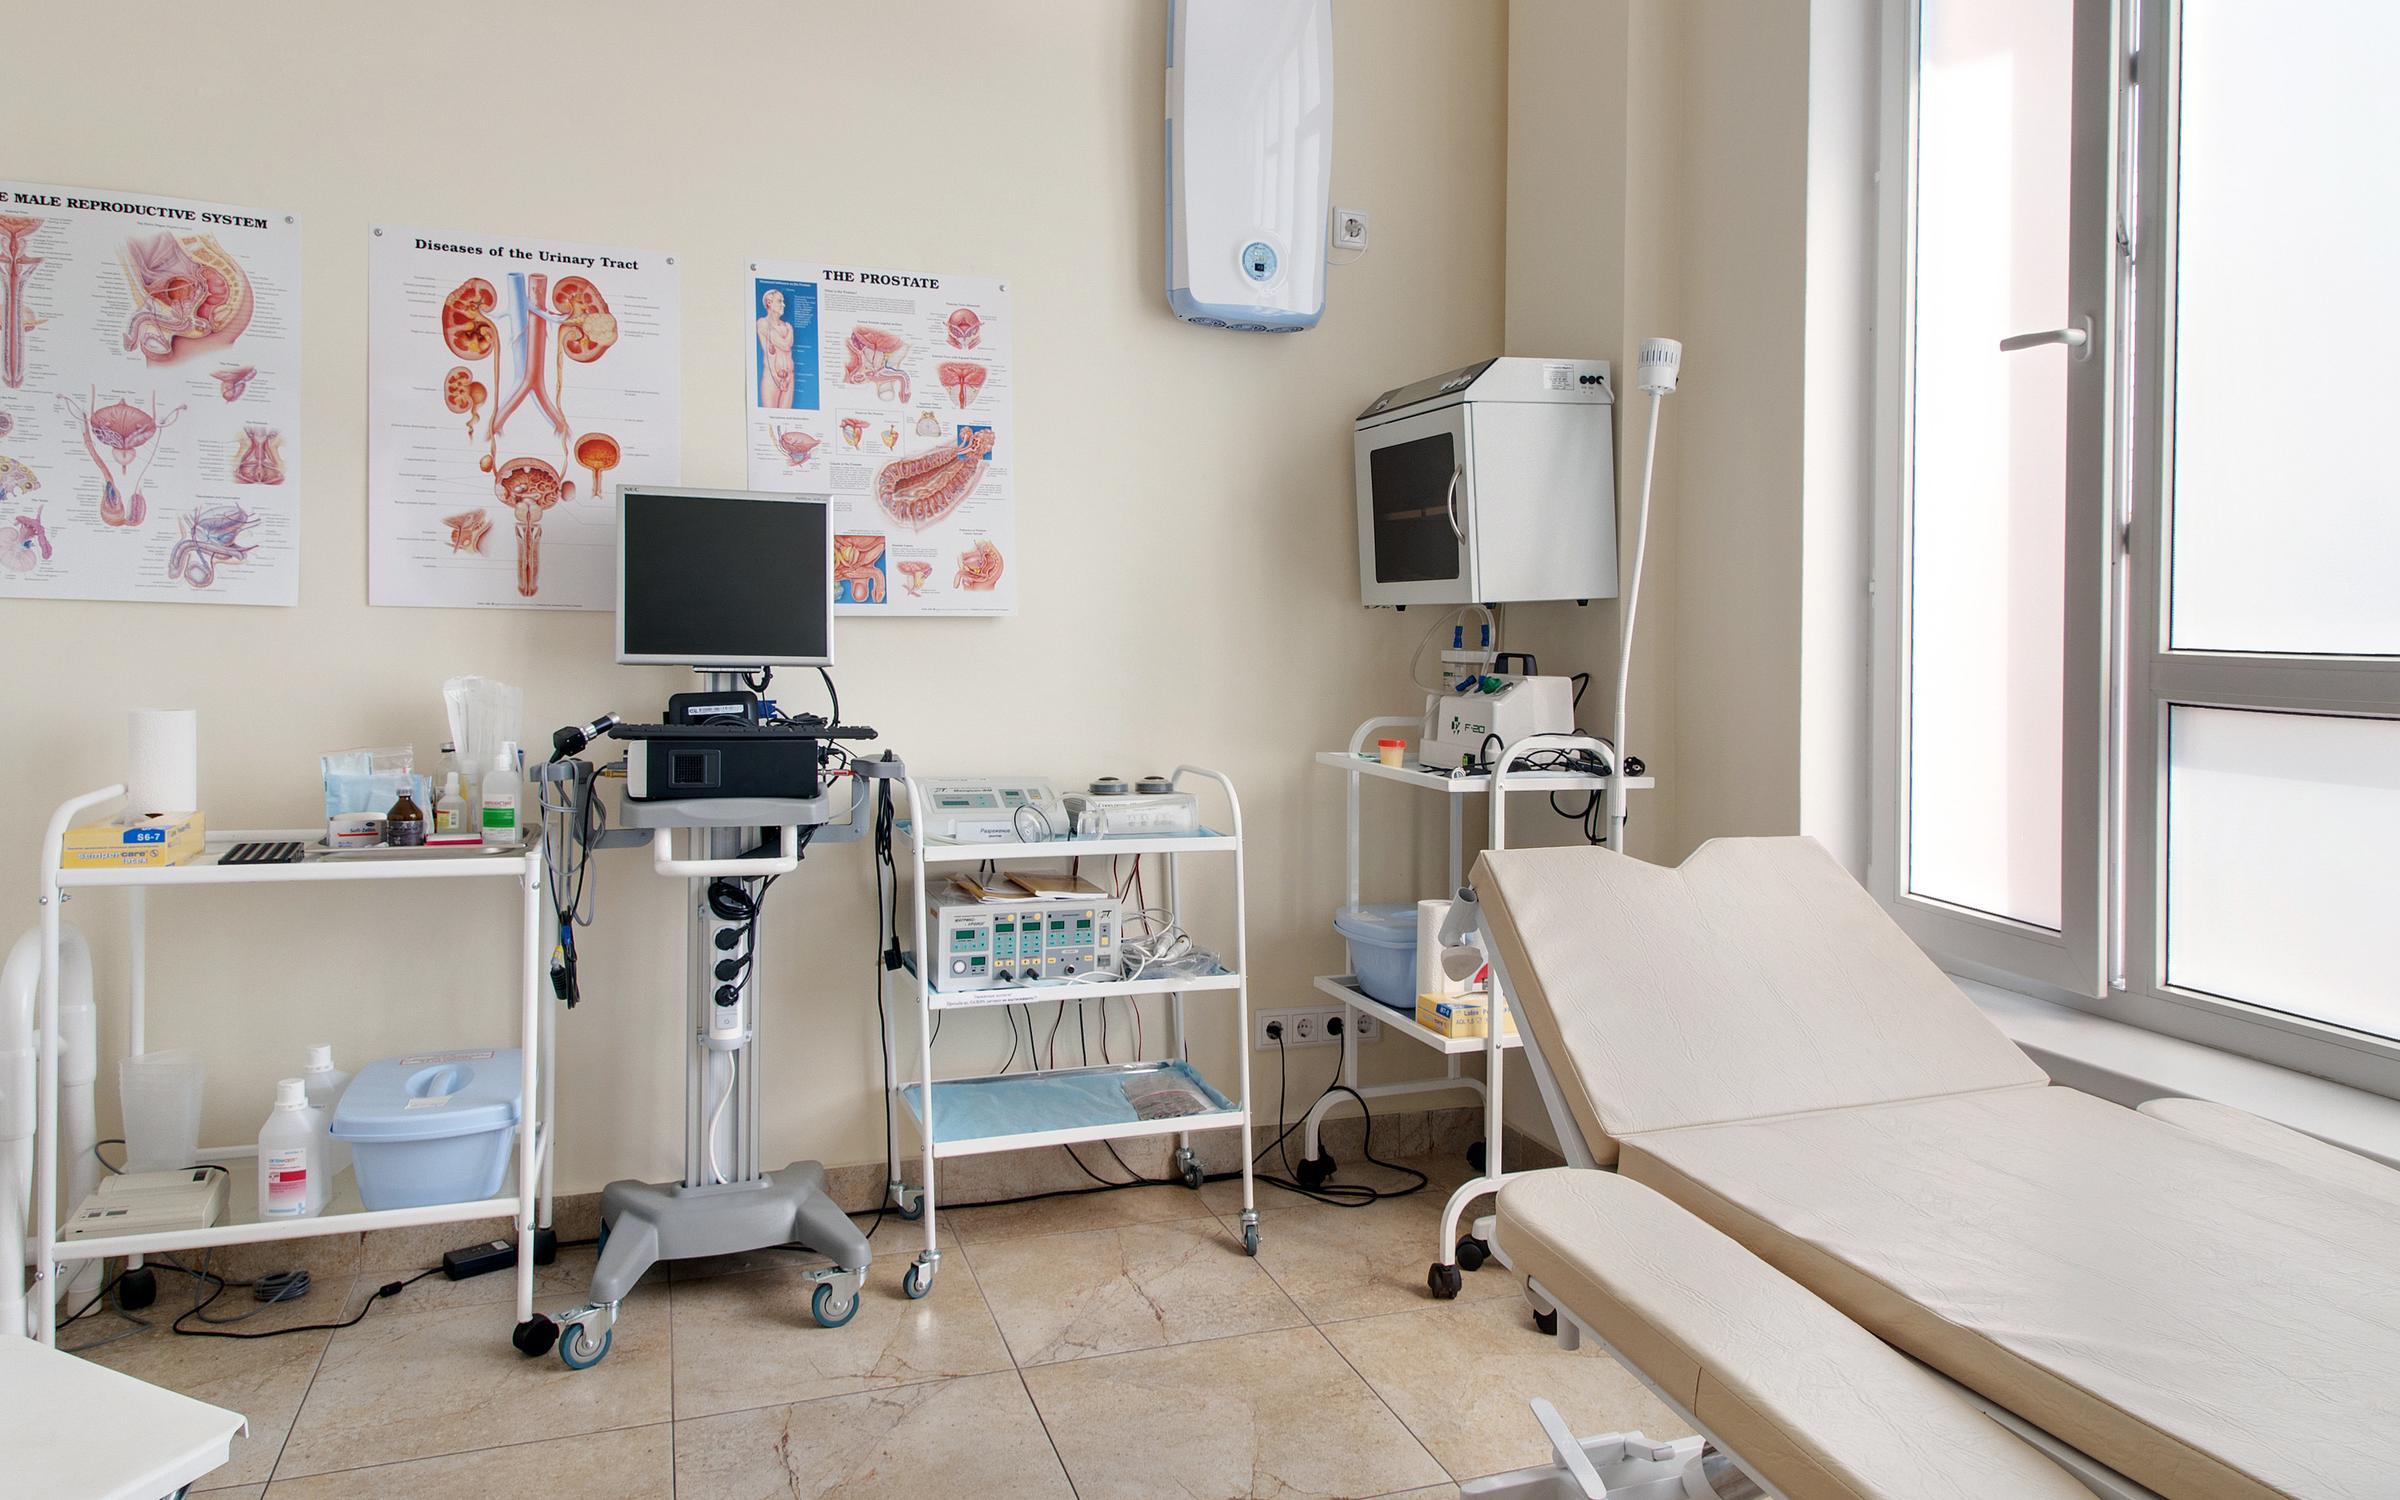 34 больница в новосибирске члх отзывы